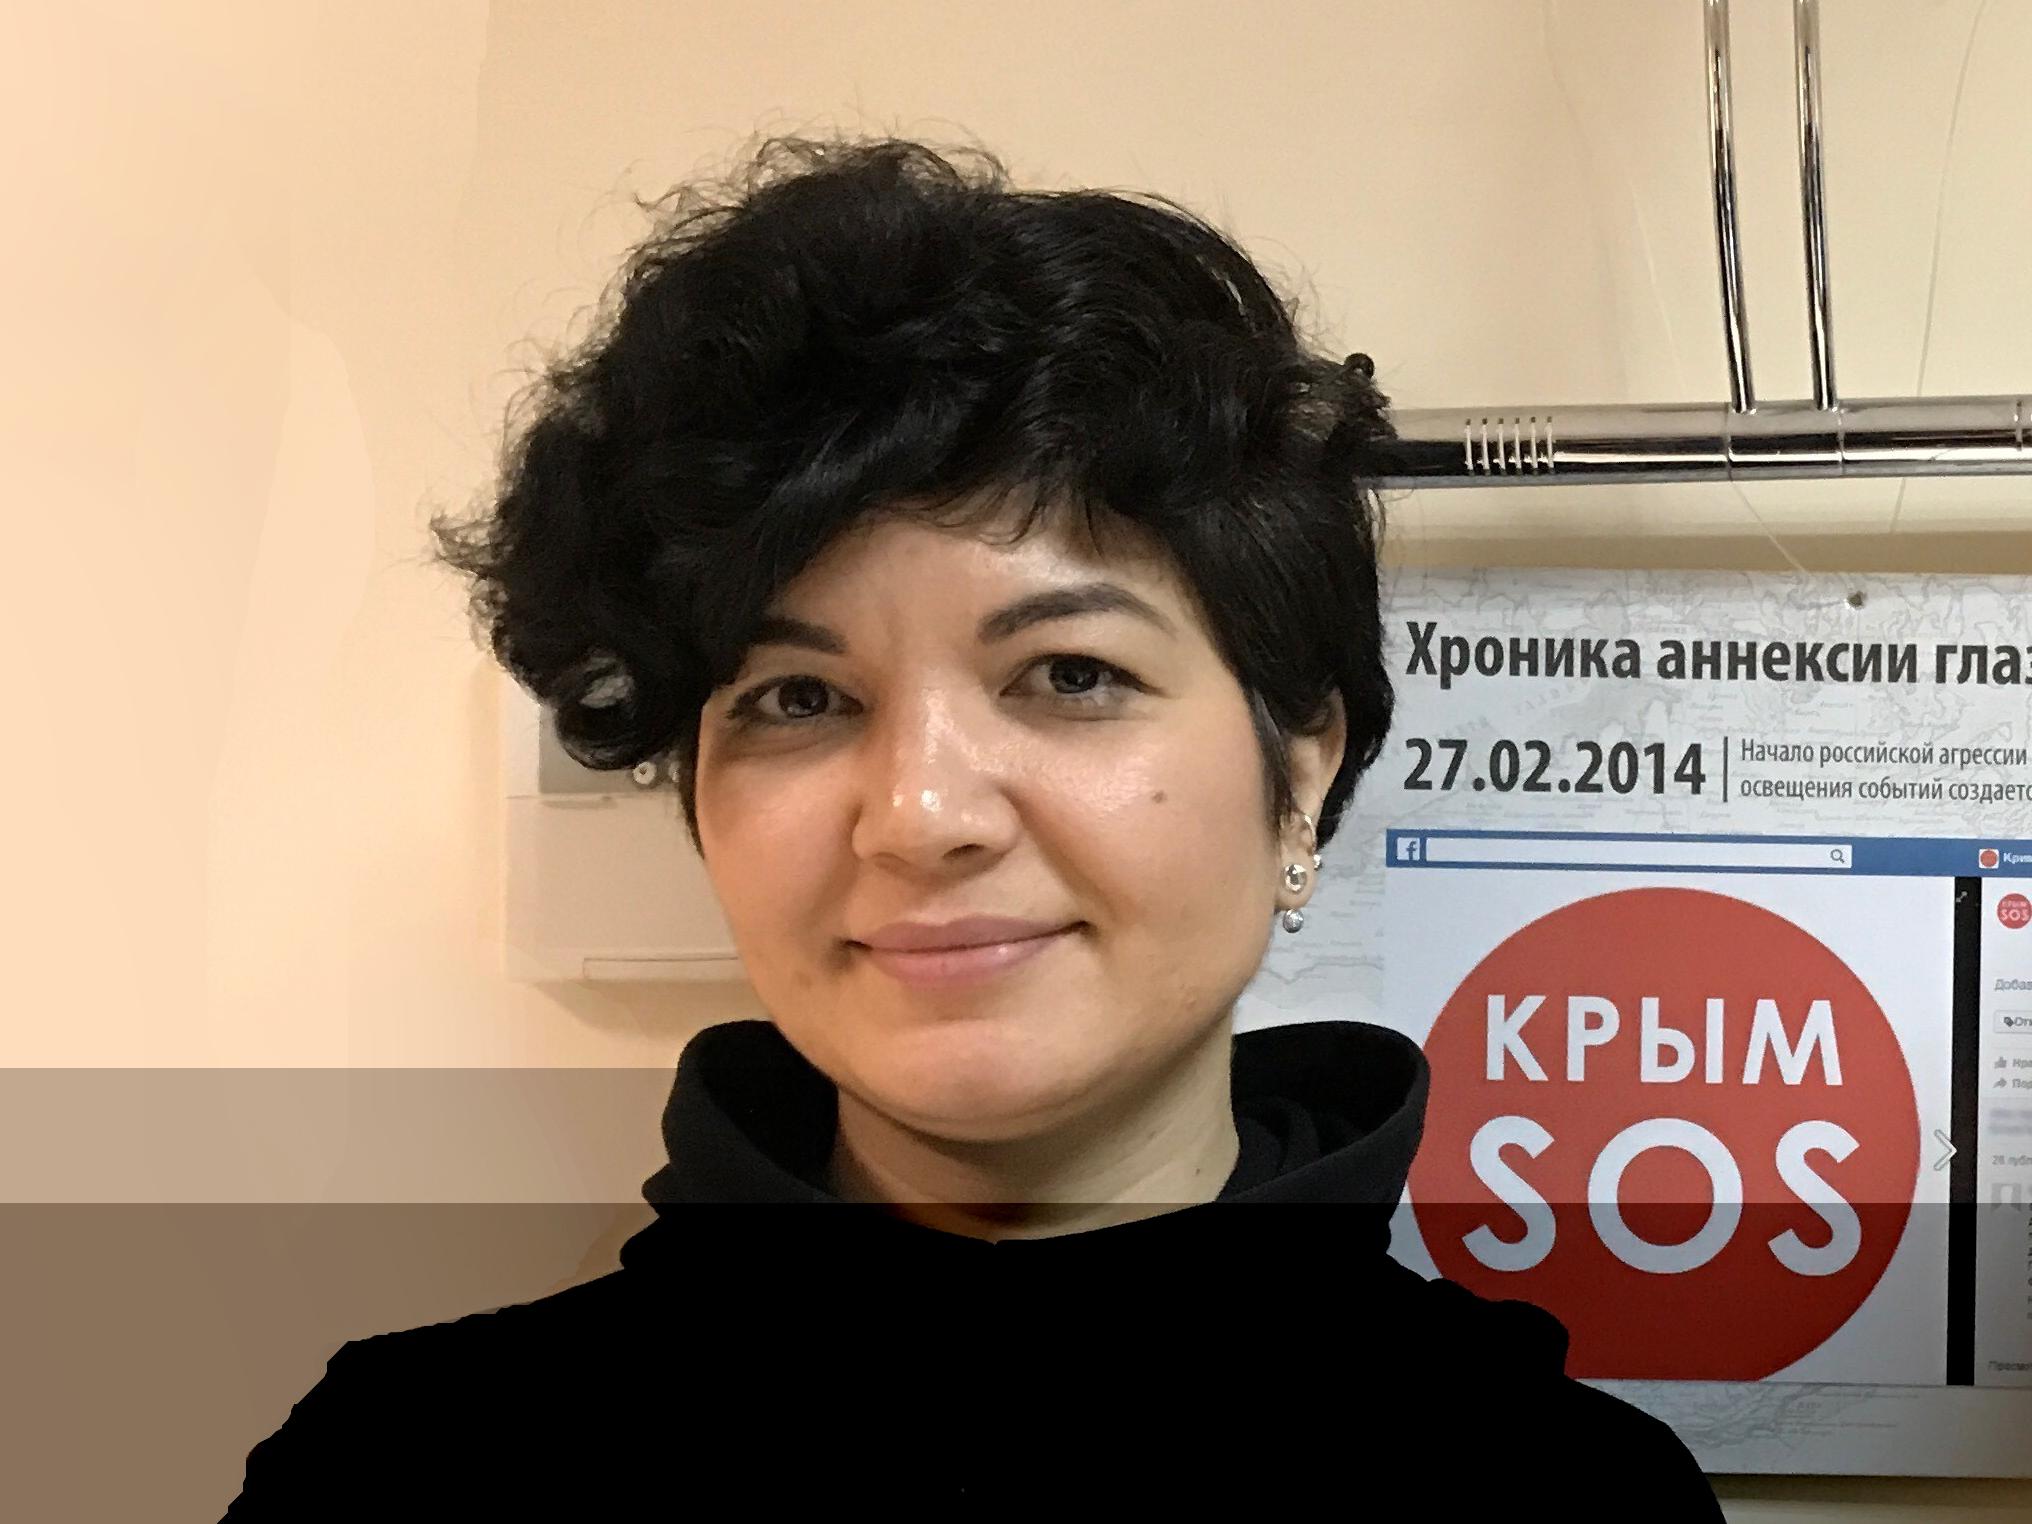 Крымские власти в ОБСЕ угрожали адвокатам из Крыма